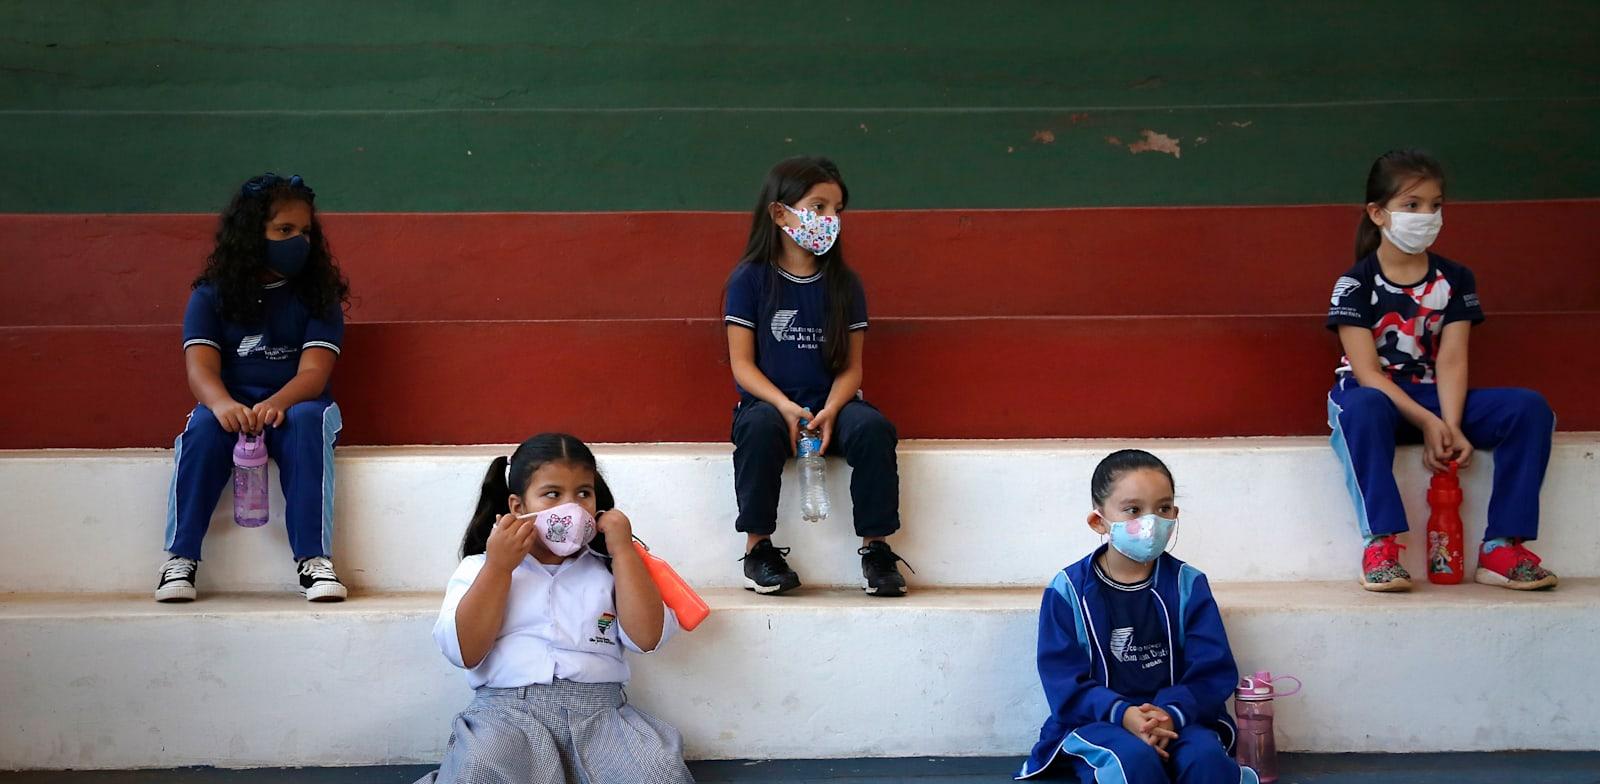 תלמידי יסודי לומדים באולם ספורט פתוח בפרגוואי / צילום: Associated Press, Jorge Saenz